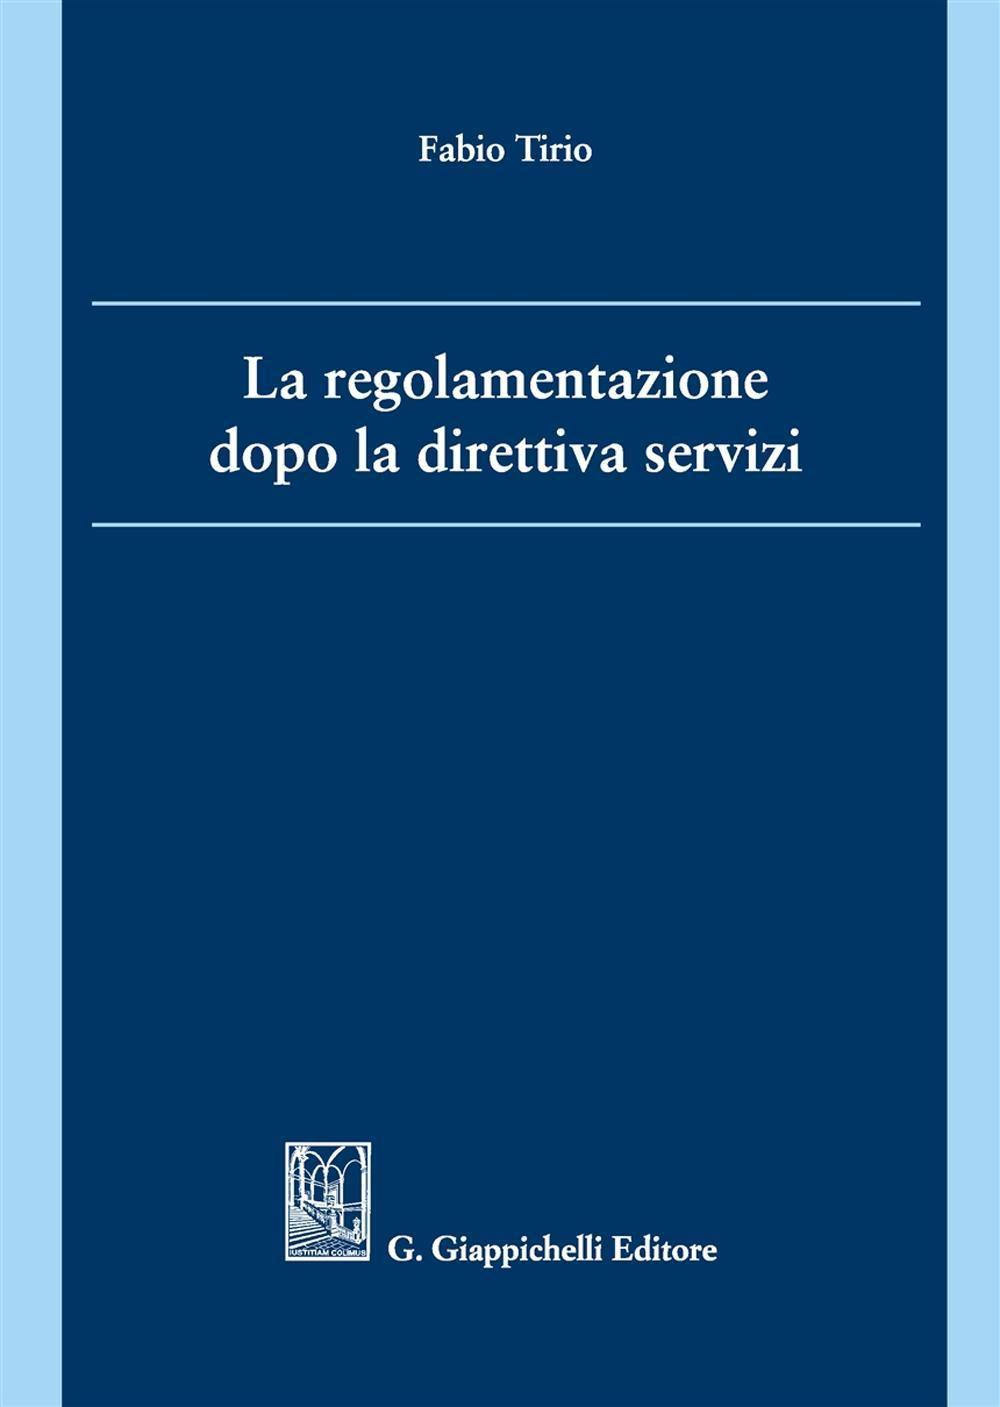 La regolamentazione dopo la direttiva servizi. Fabio Tirio